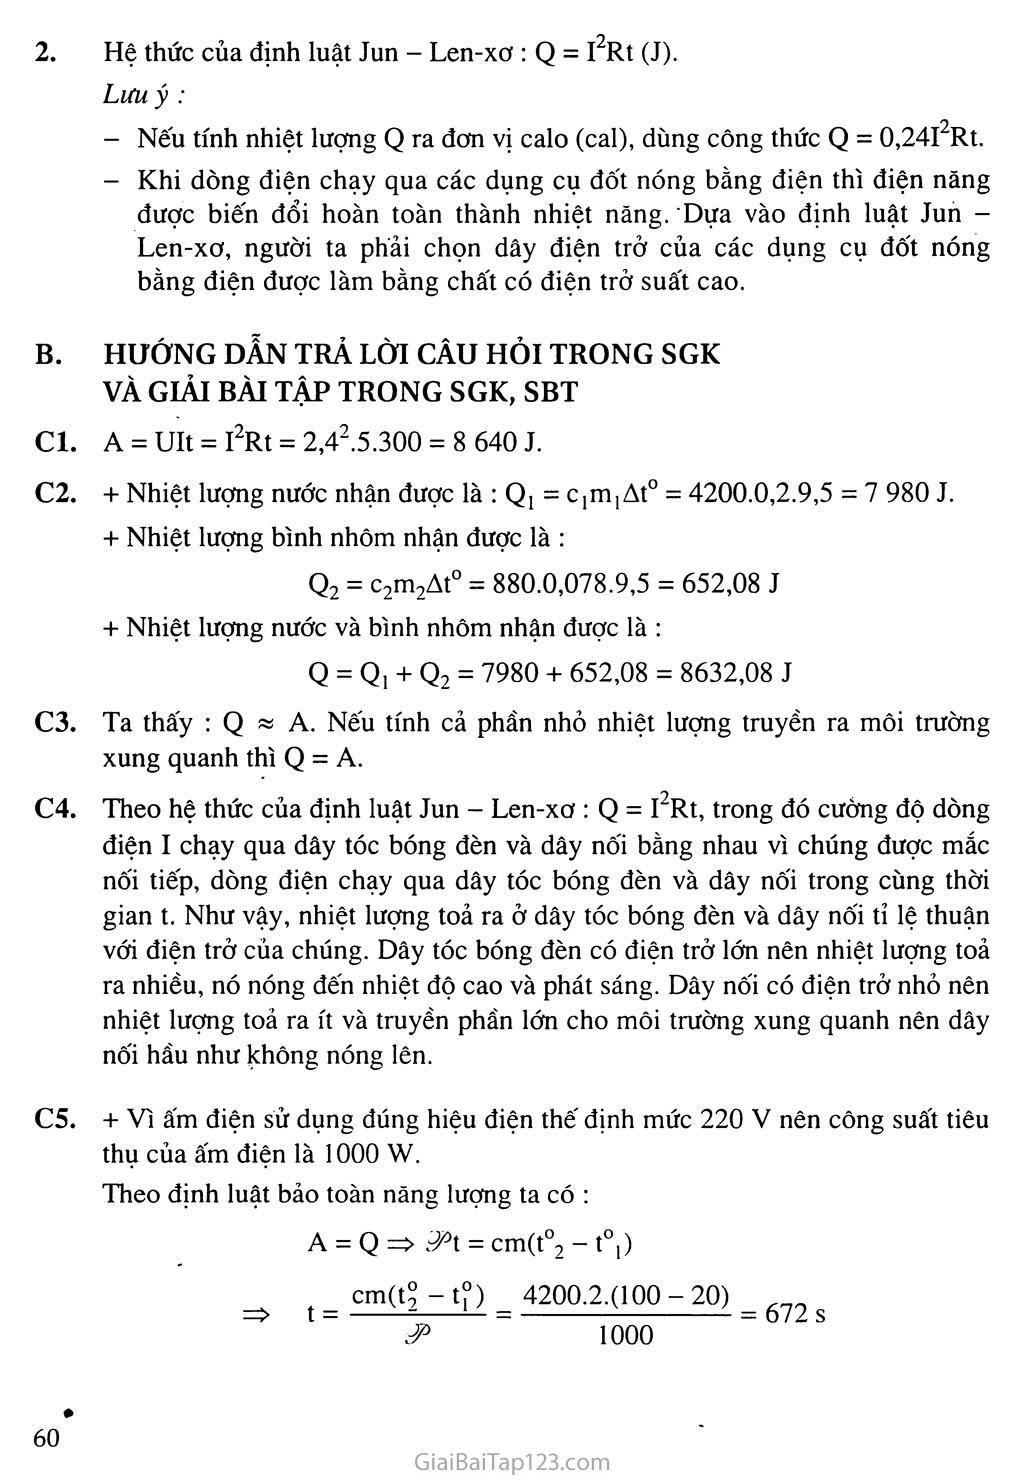 Bài 16 - 17: Định luật Jun - Len-xơ. Bài tập vận dụng định luật Jun - Len-xơ trang 2